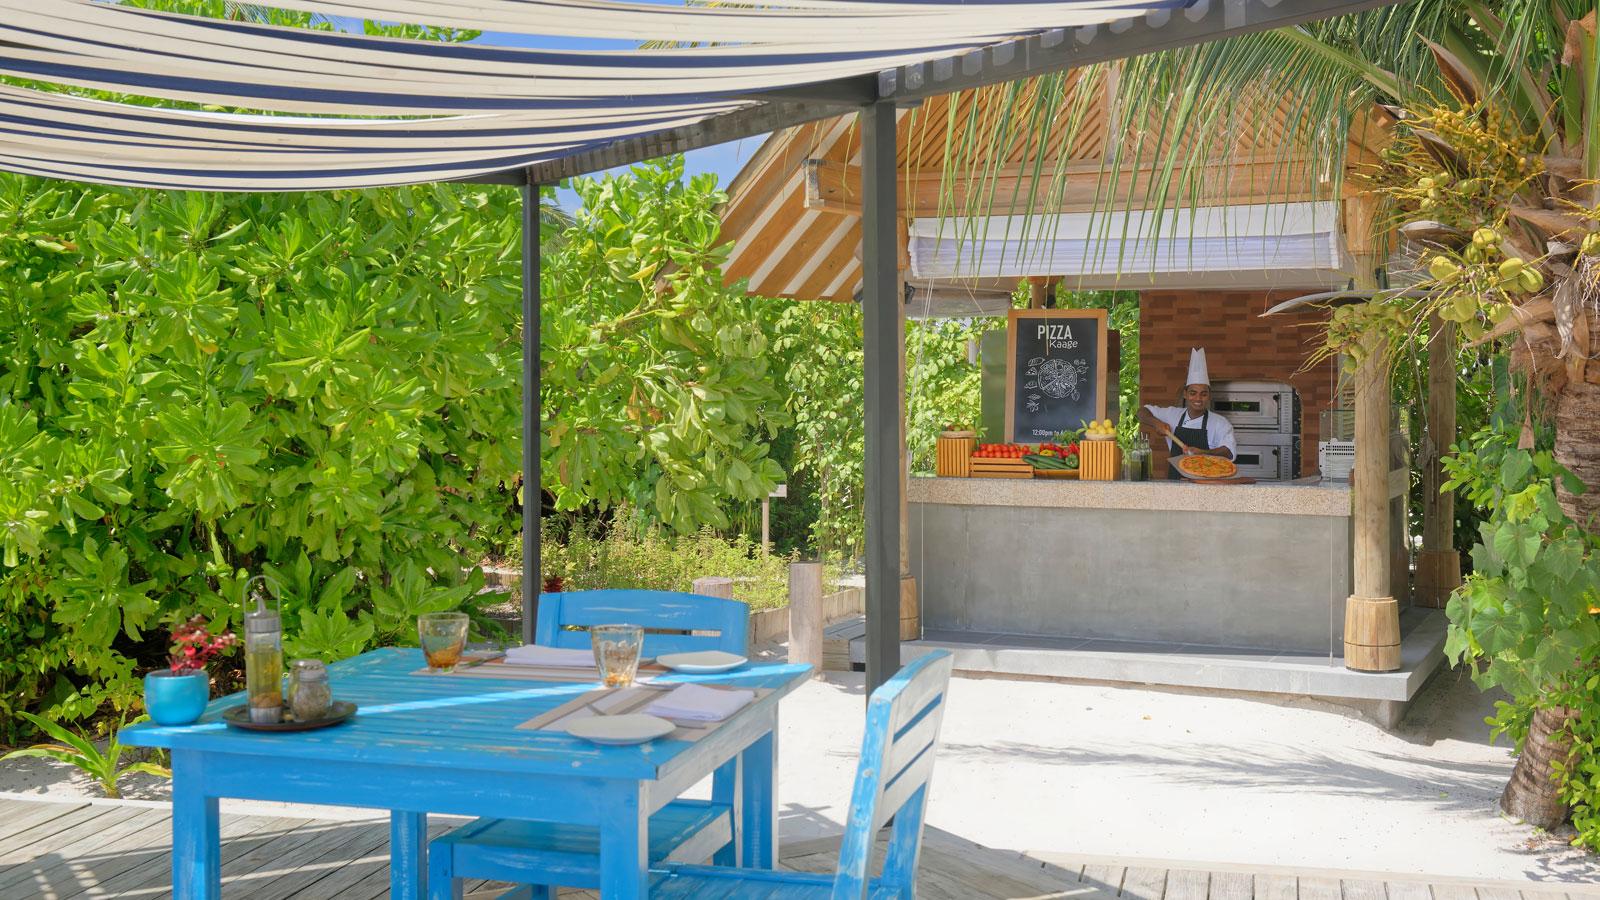 Мальдивы, отель Amari Havodda Maldives, Pizza Kaage